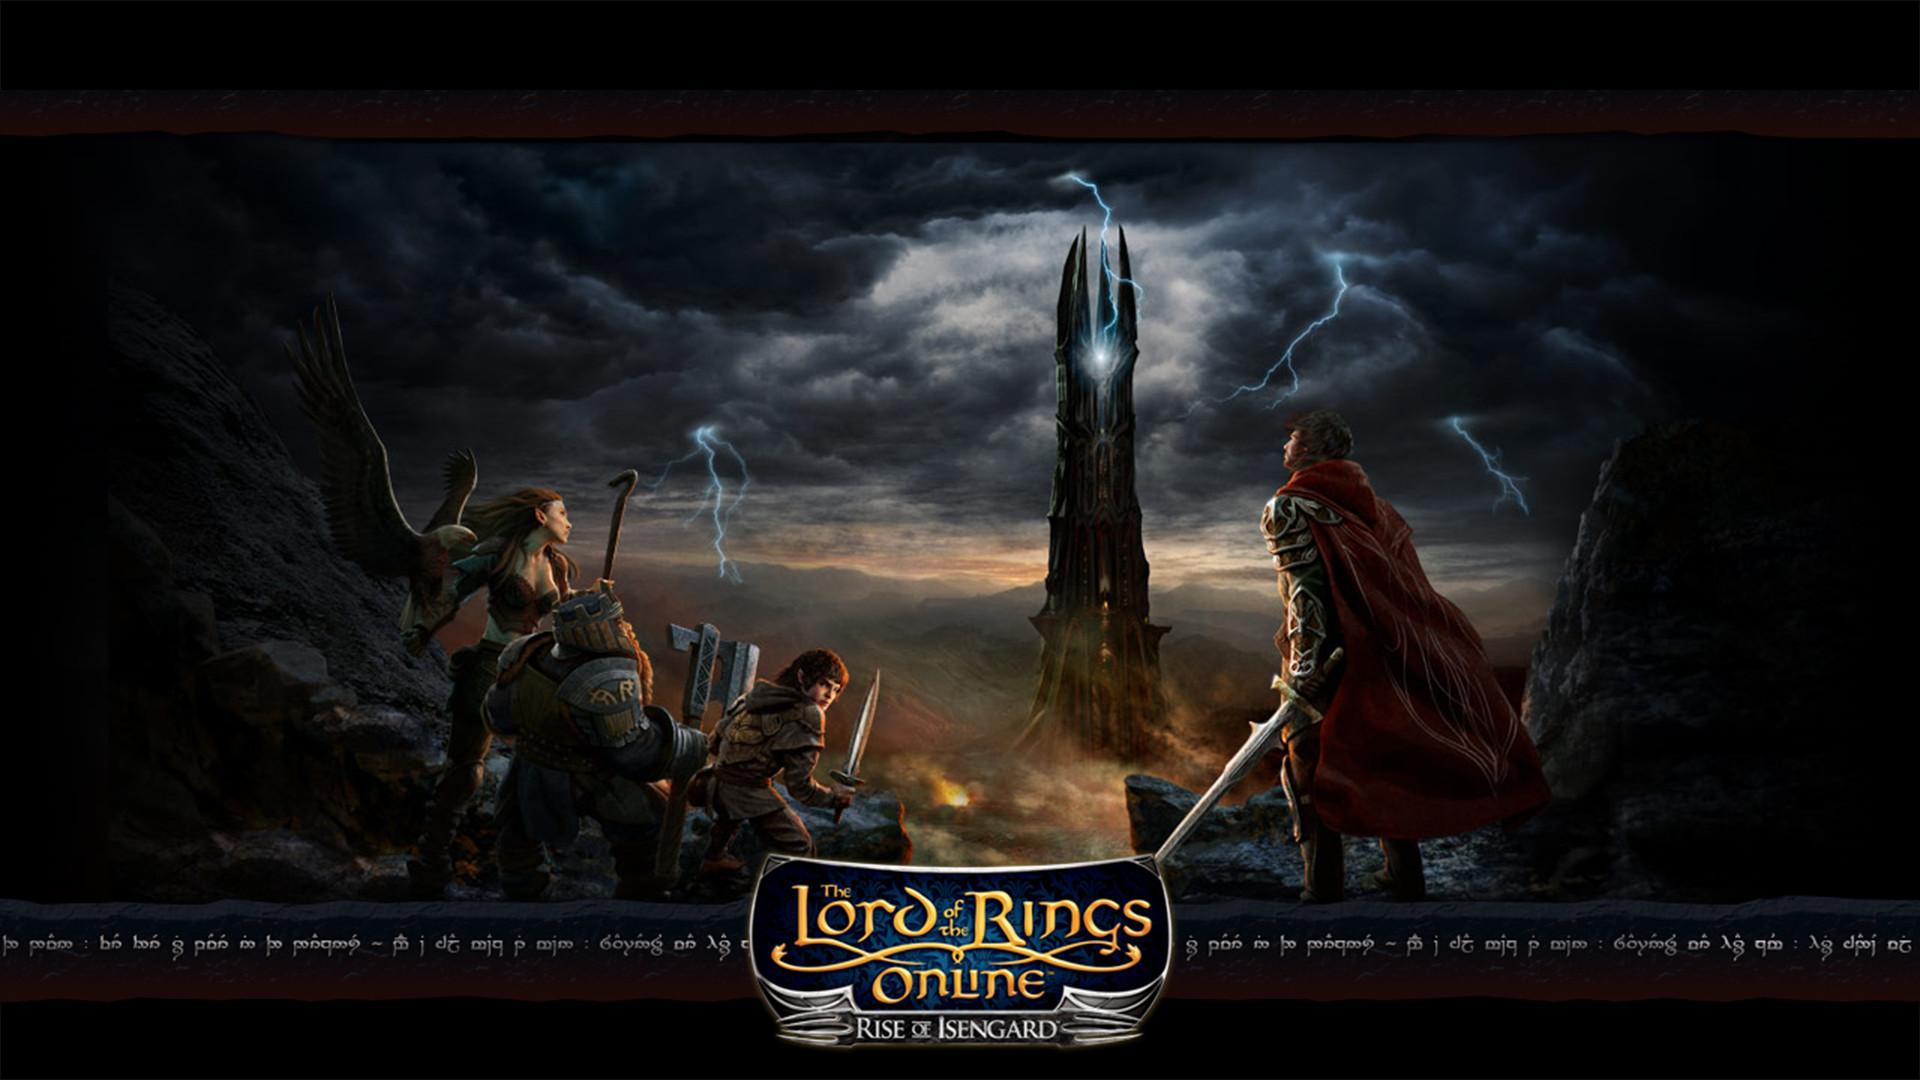 Isengard Wallpaper